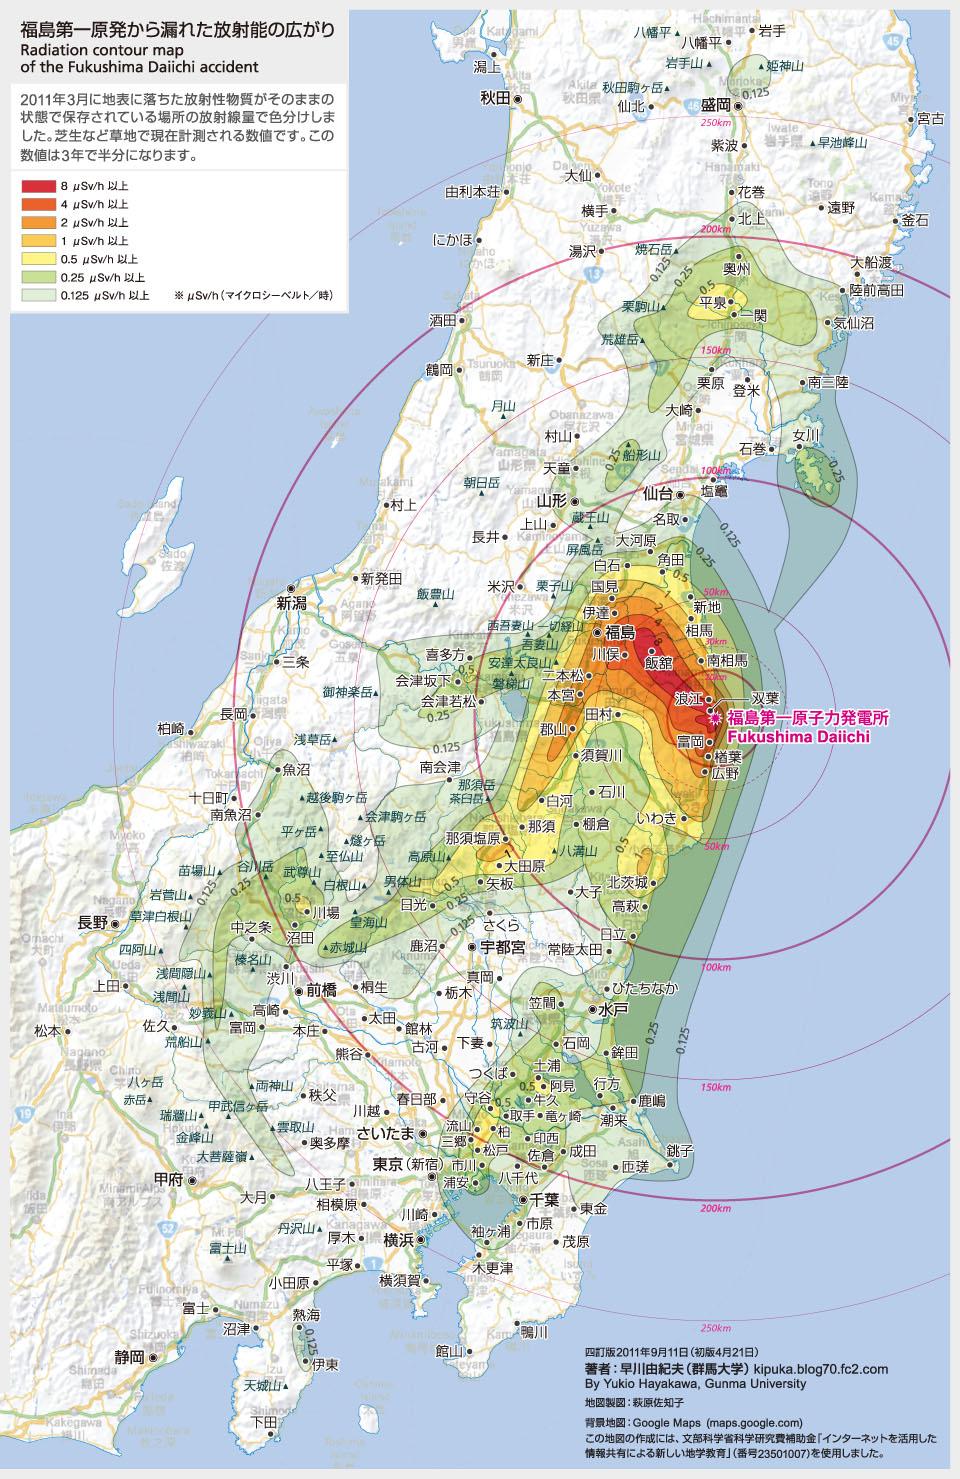 早川版放射能汚染地図(四訂版)